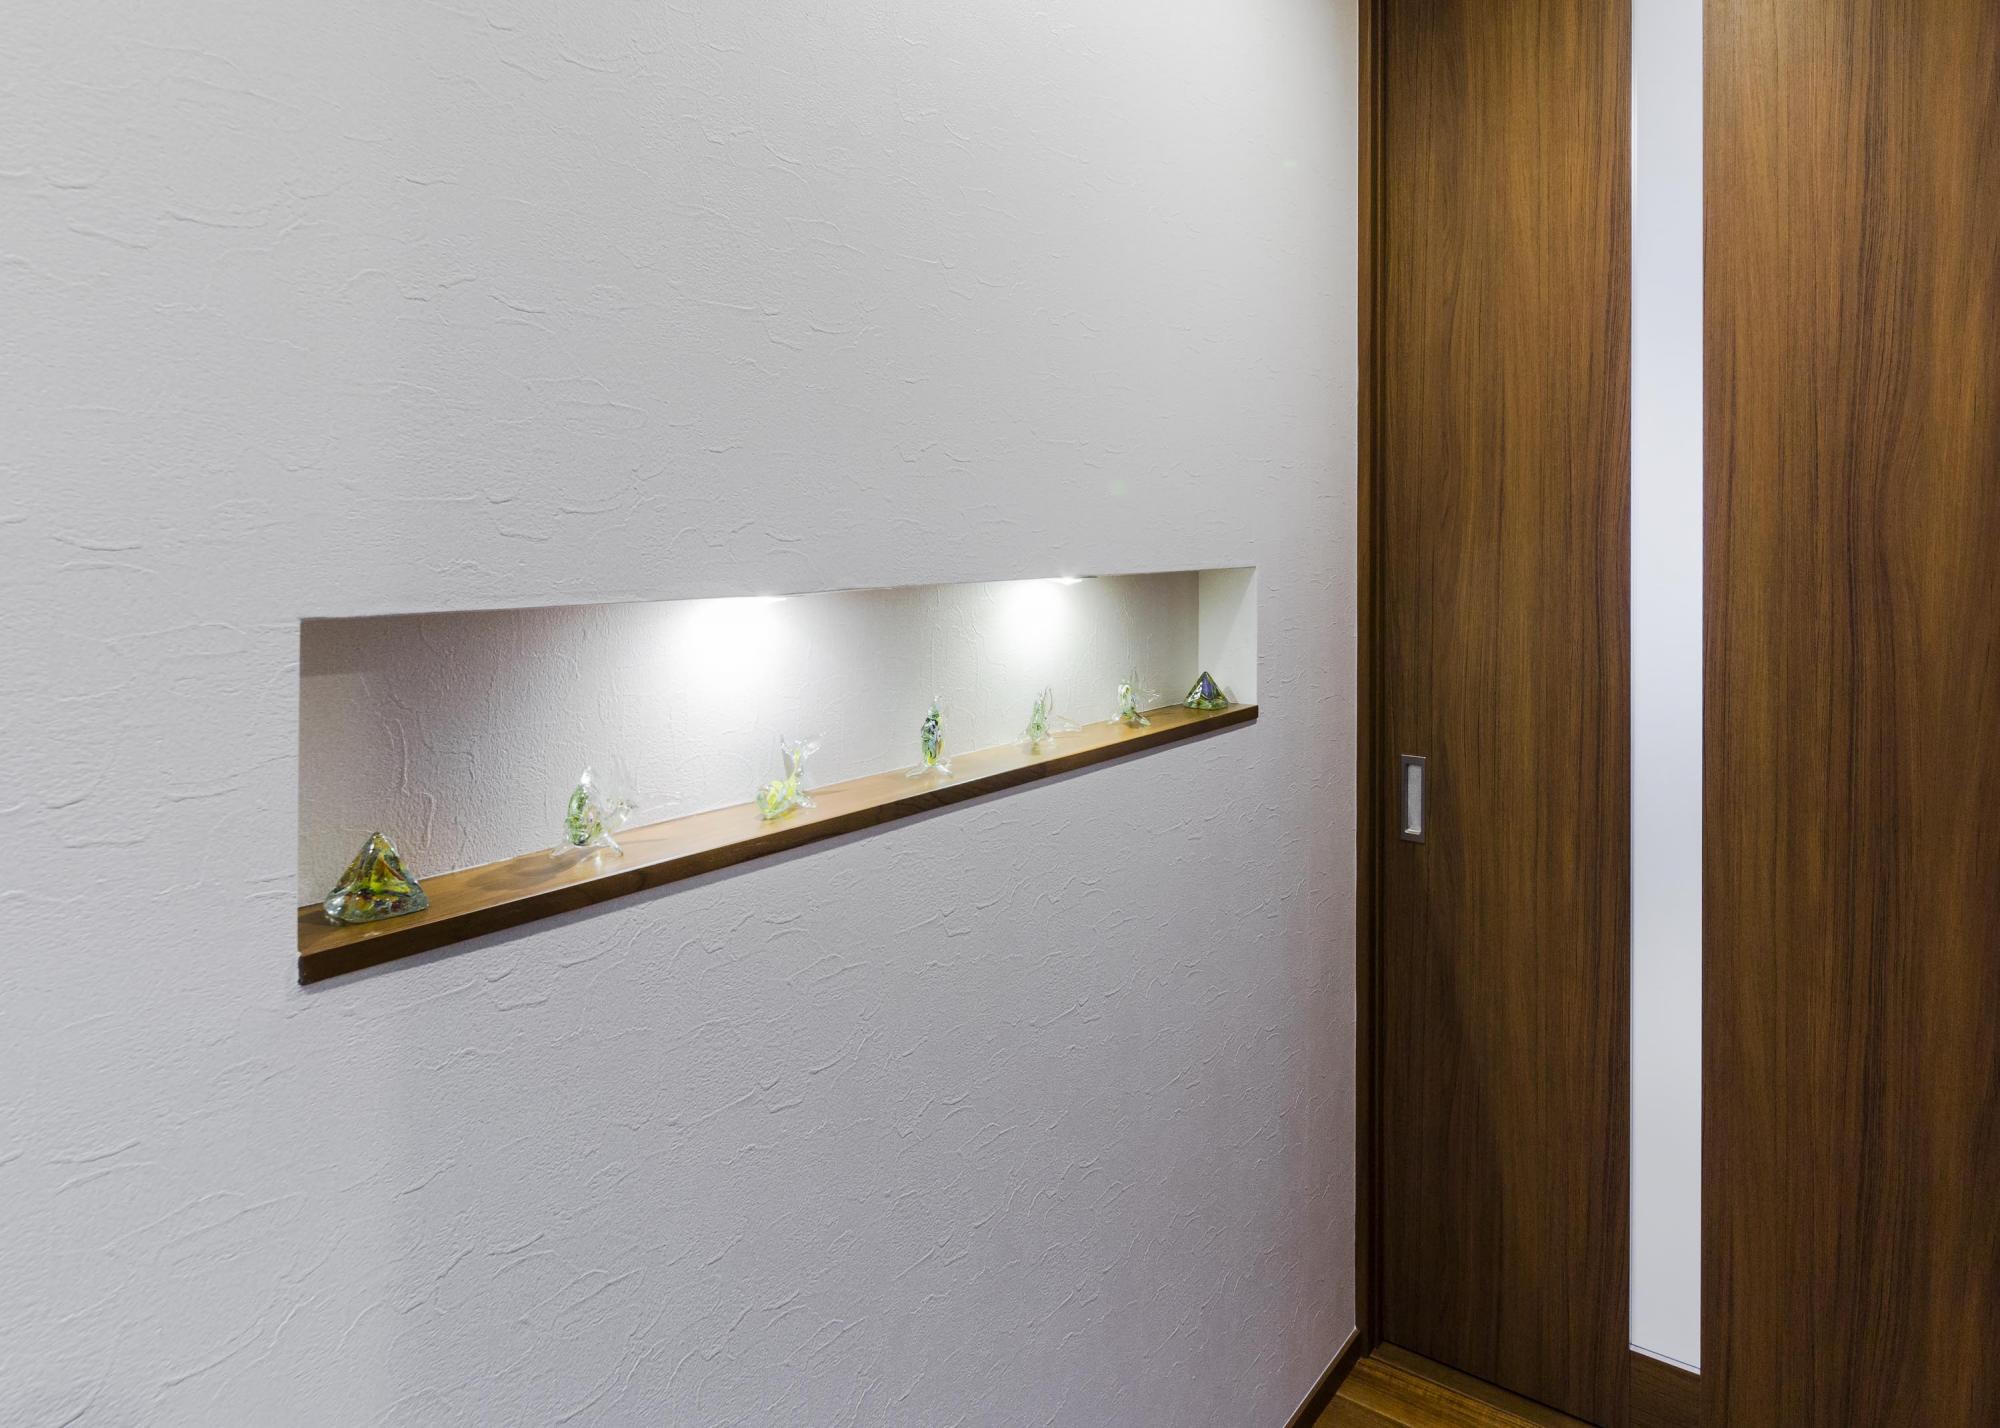 リビングの入り口前の廊下壁面に埋め込み型の飾り棚を造作。思い出の品を飾って楽しんでいる